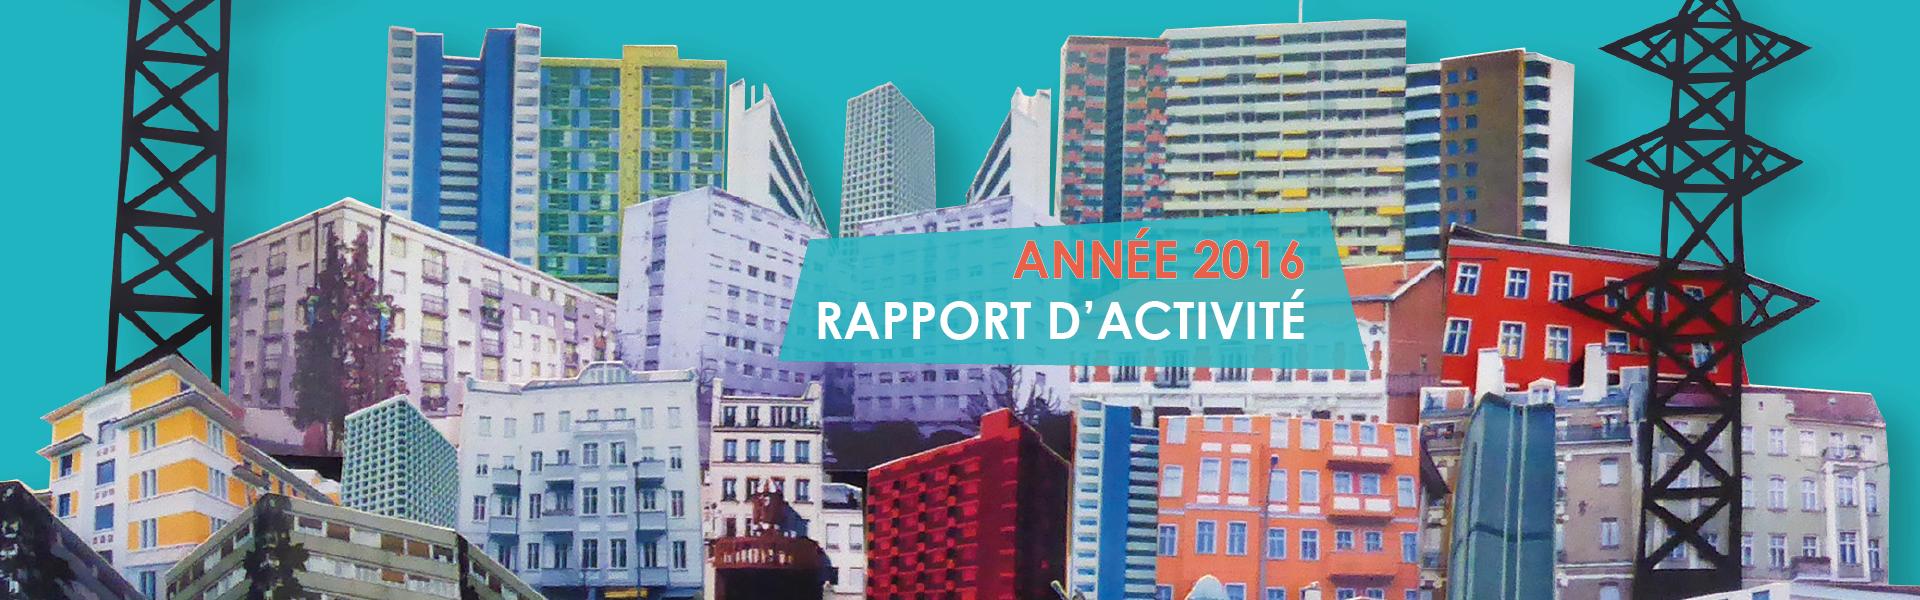 Découvrez le nouveau rapport d'activité du CAUE 64 : des actions, des projets, une expo phare, de nouveaux adhérents, des posts et des likes...